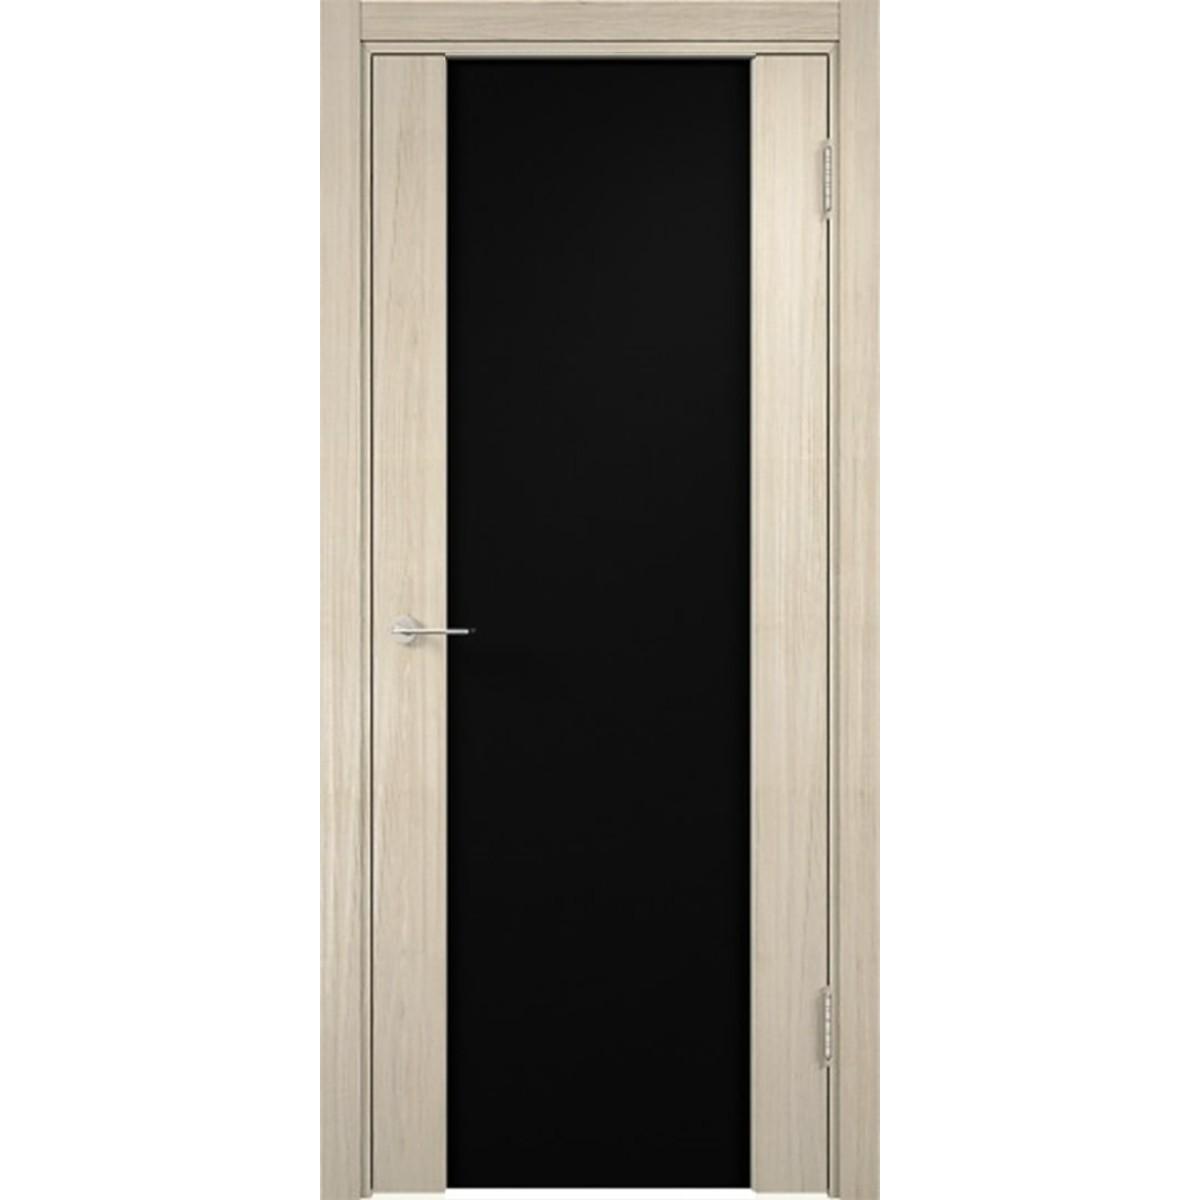 Дверное полотно Casaporte Сан-Ремо МП_0207 2000х600х44 мм МДФ